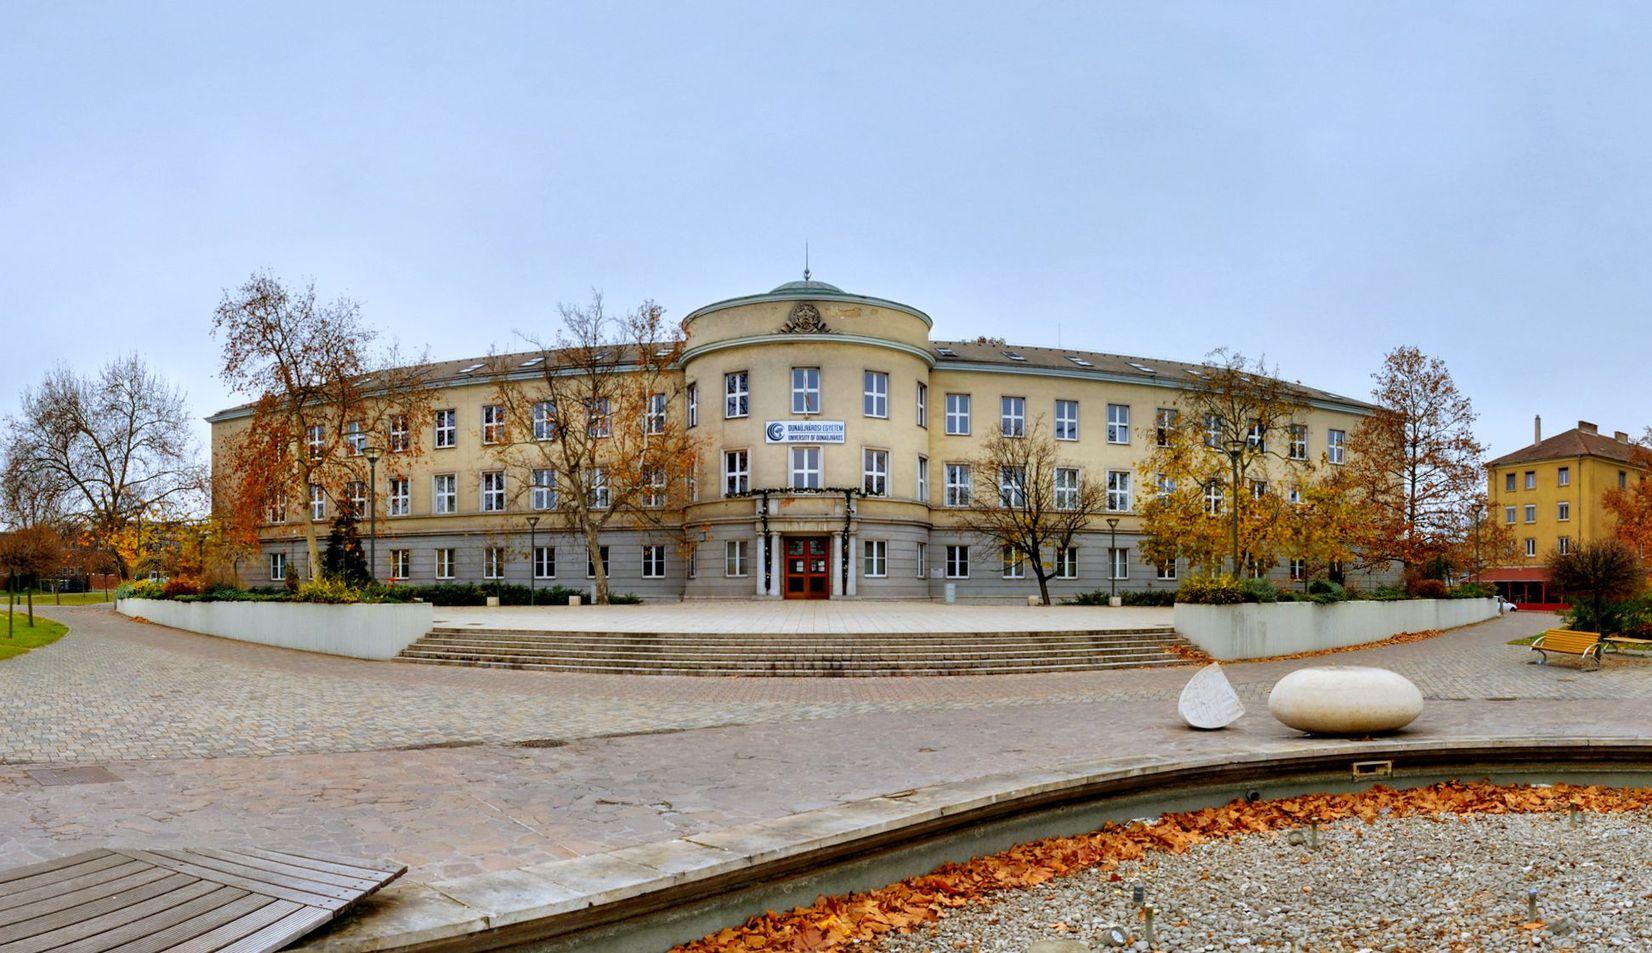 Panorámafotó a Dunaújvárosi Egyetem főépületéről. Fotó: Dunaújvárosi Egyetem Kommunikációs Iroda